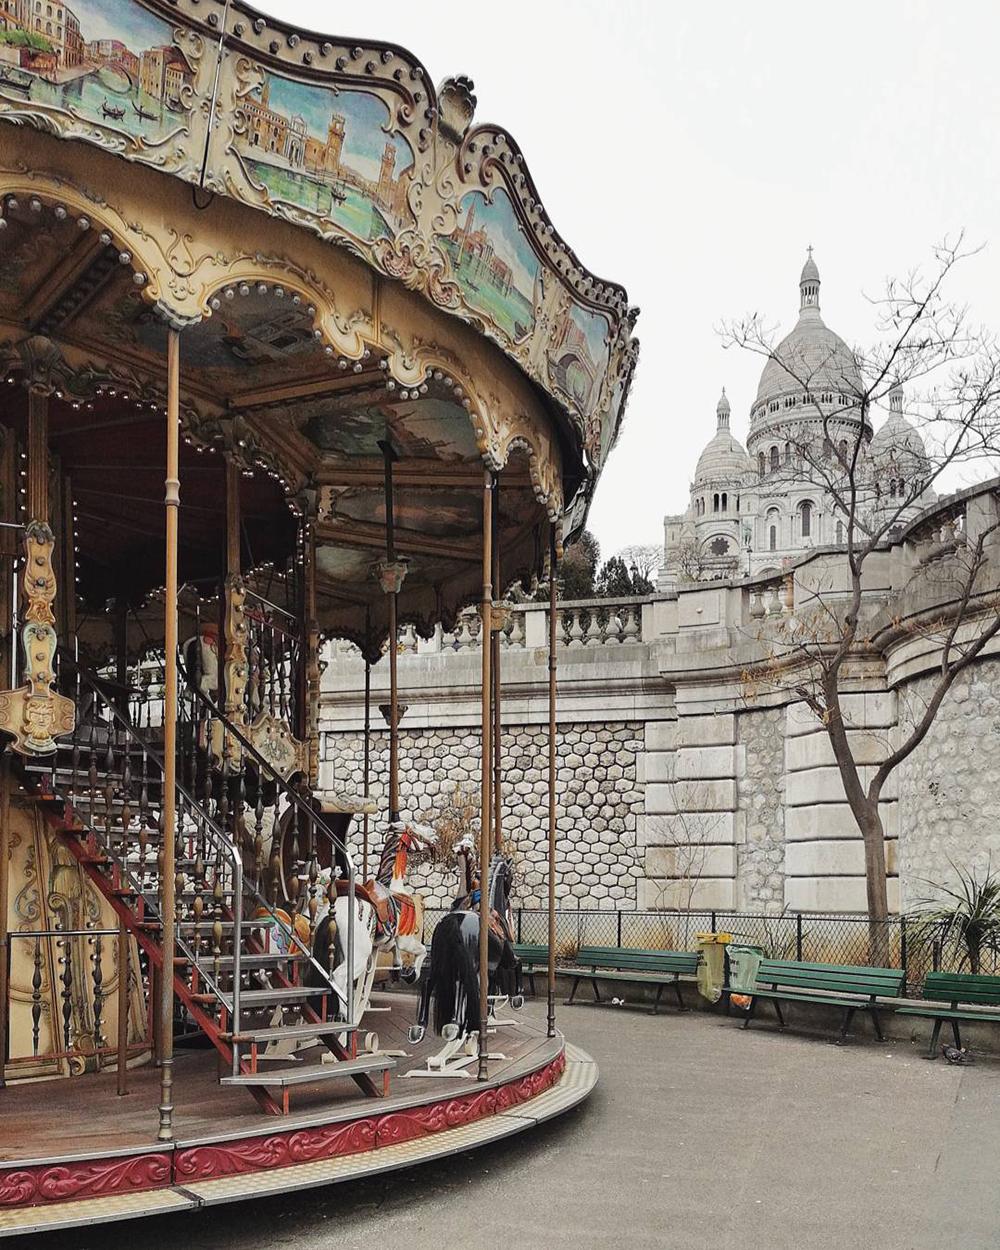 cosa fotografare a parigi: il carosello ai piedi del sacro cuore